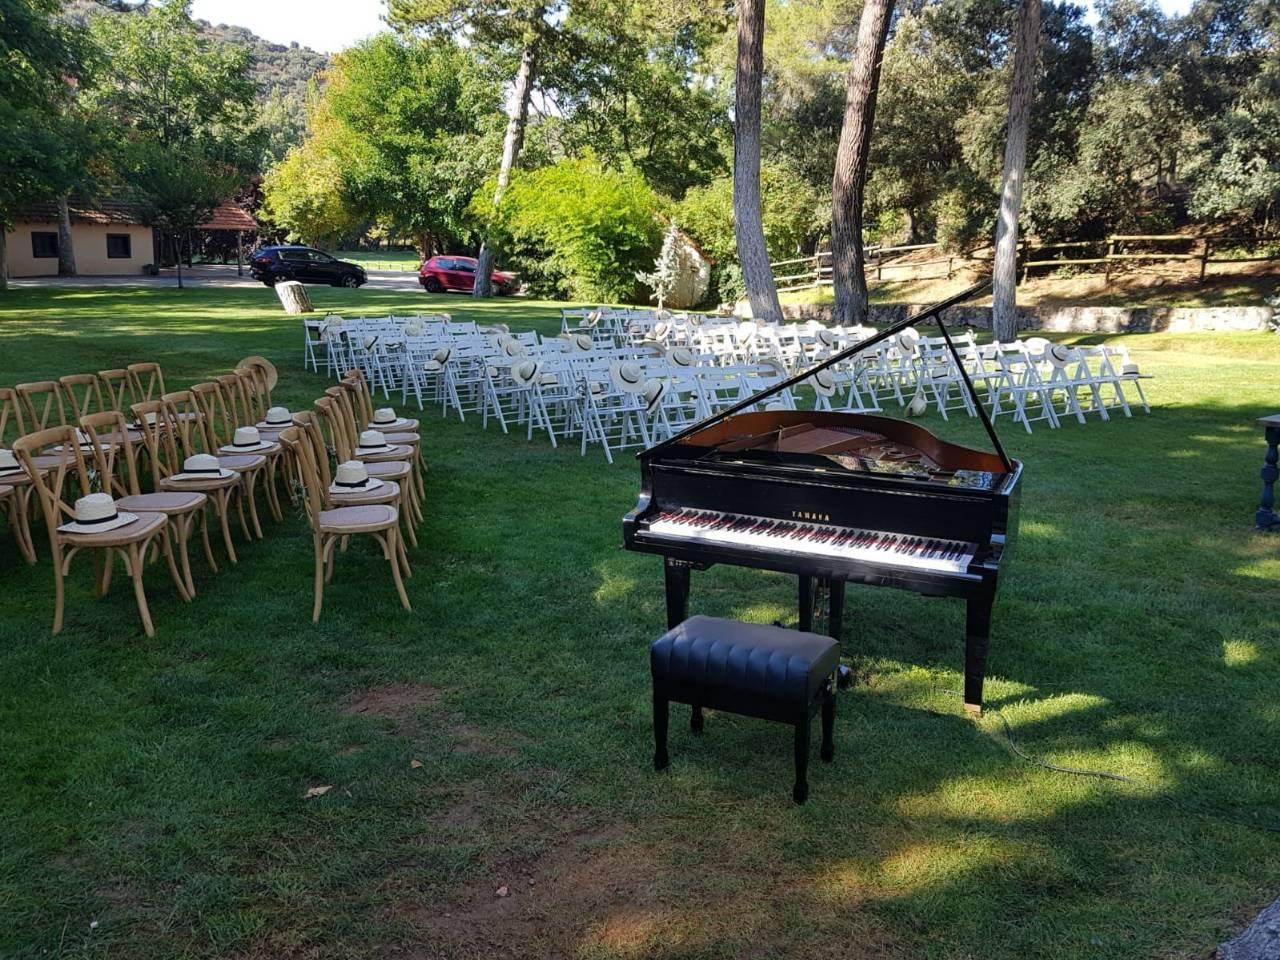 Piano de cola ceremonia